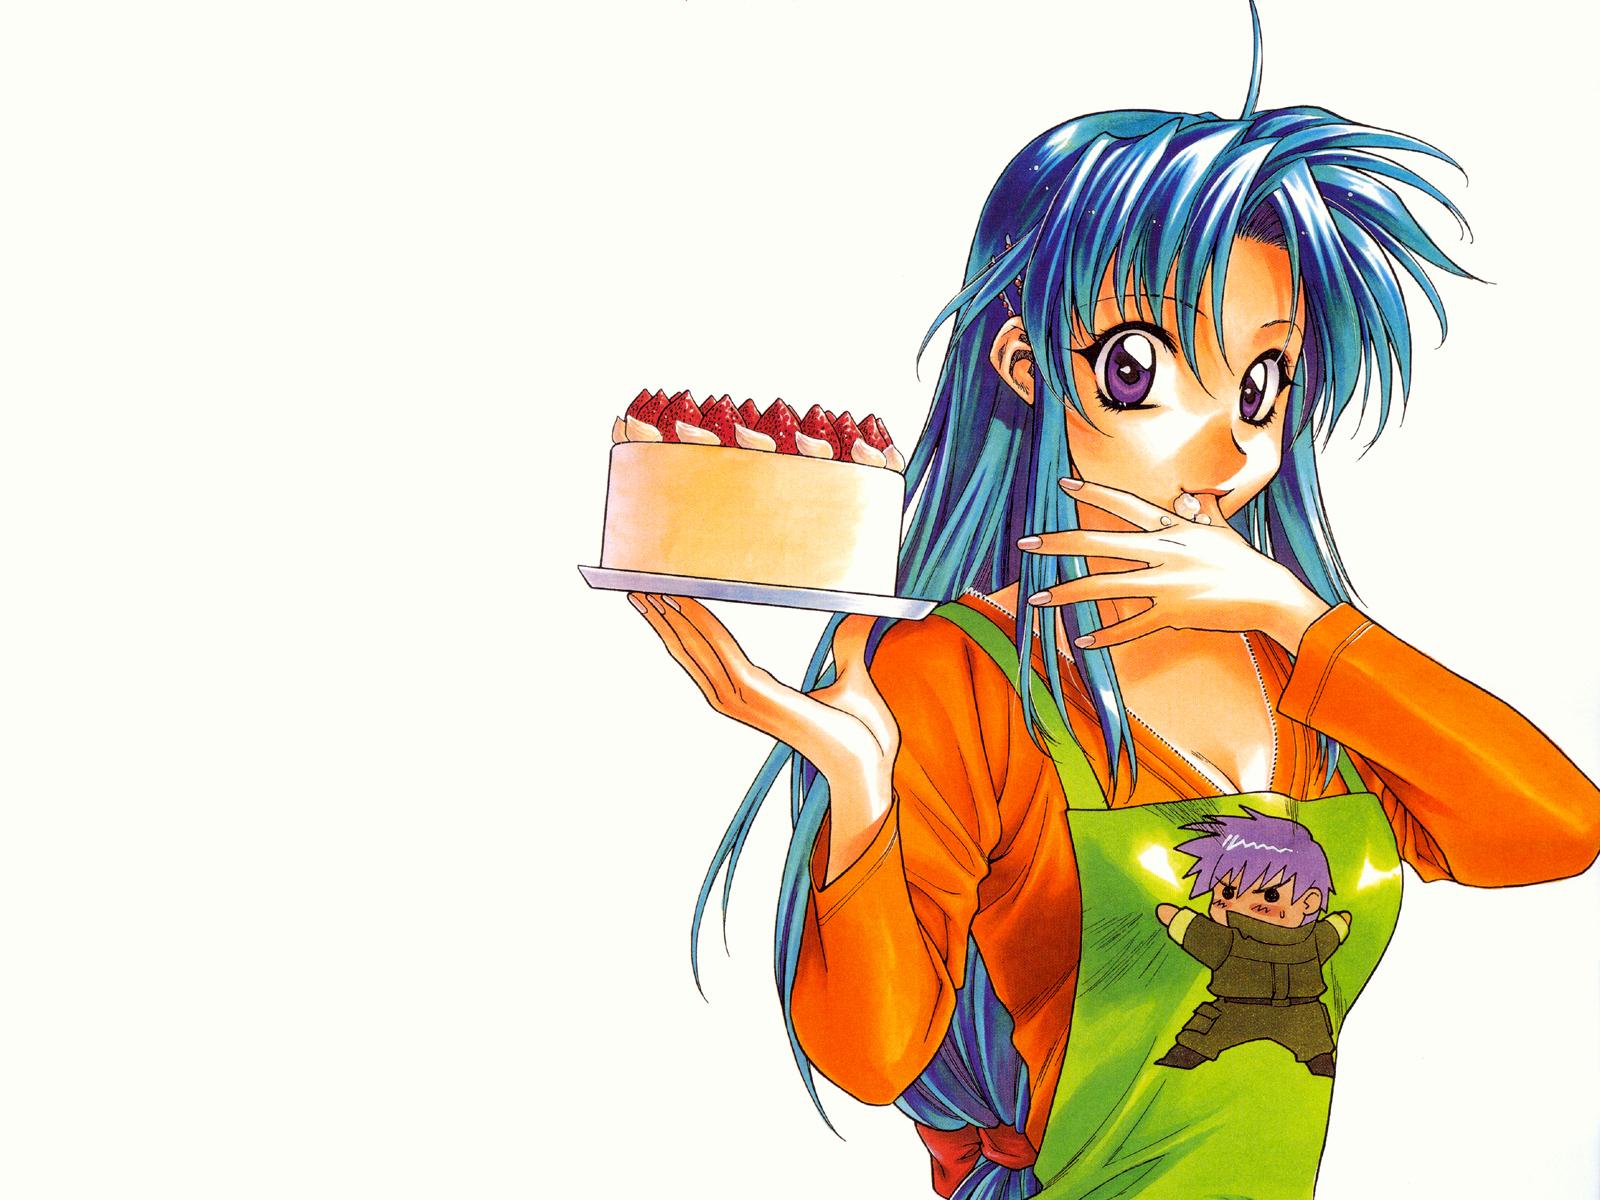 apron cake chibi chidori_kaname food full_metal_panic sagara_sousuke